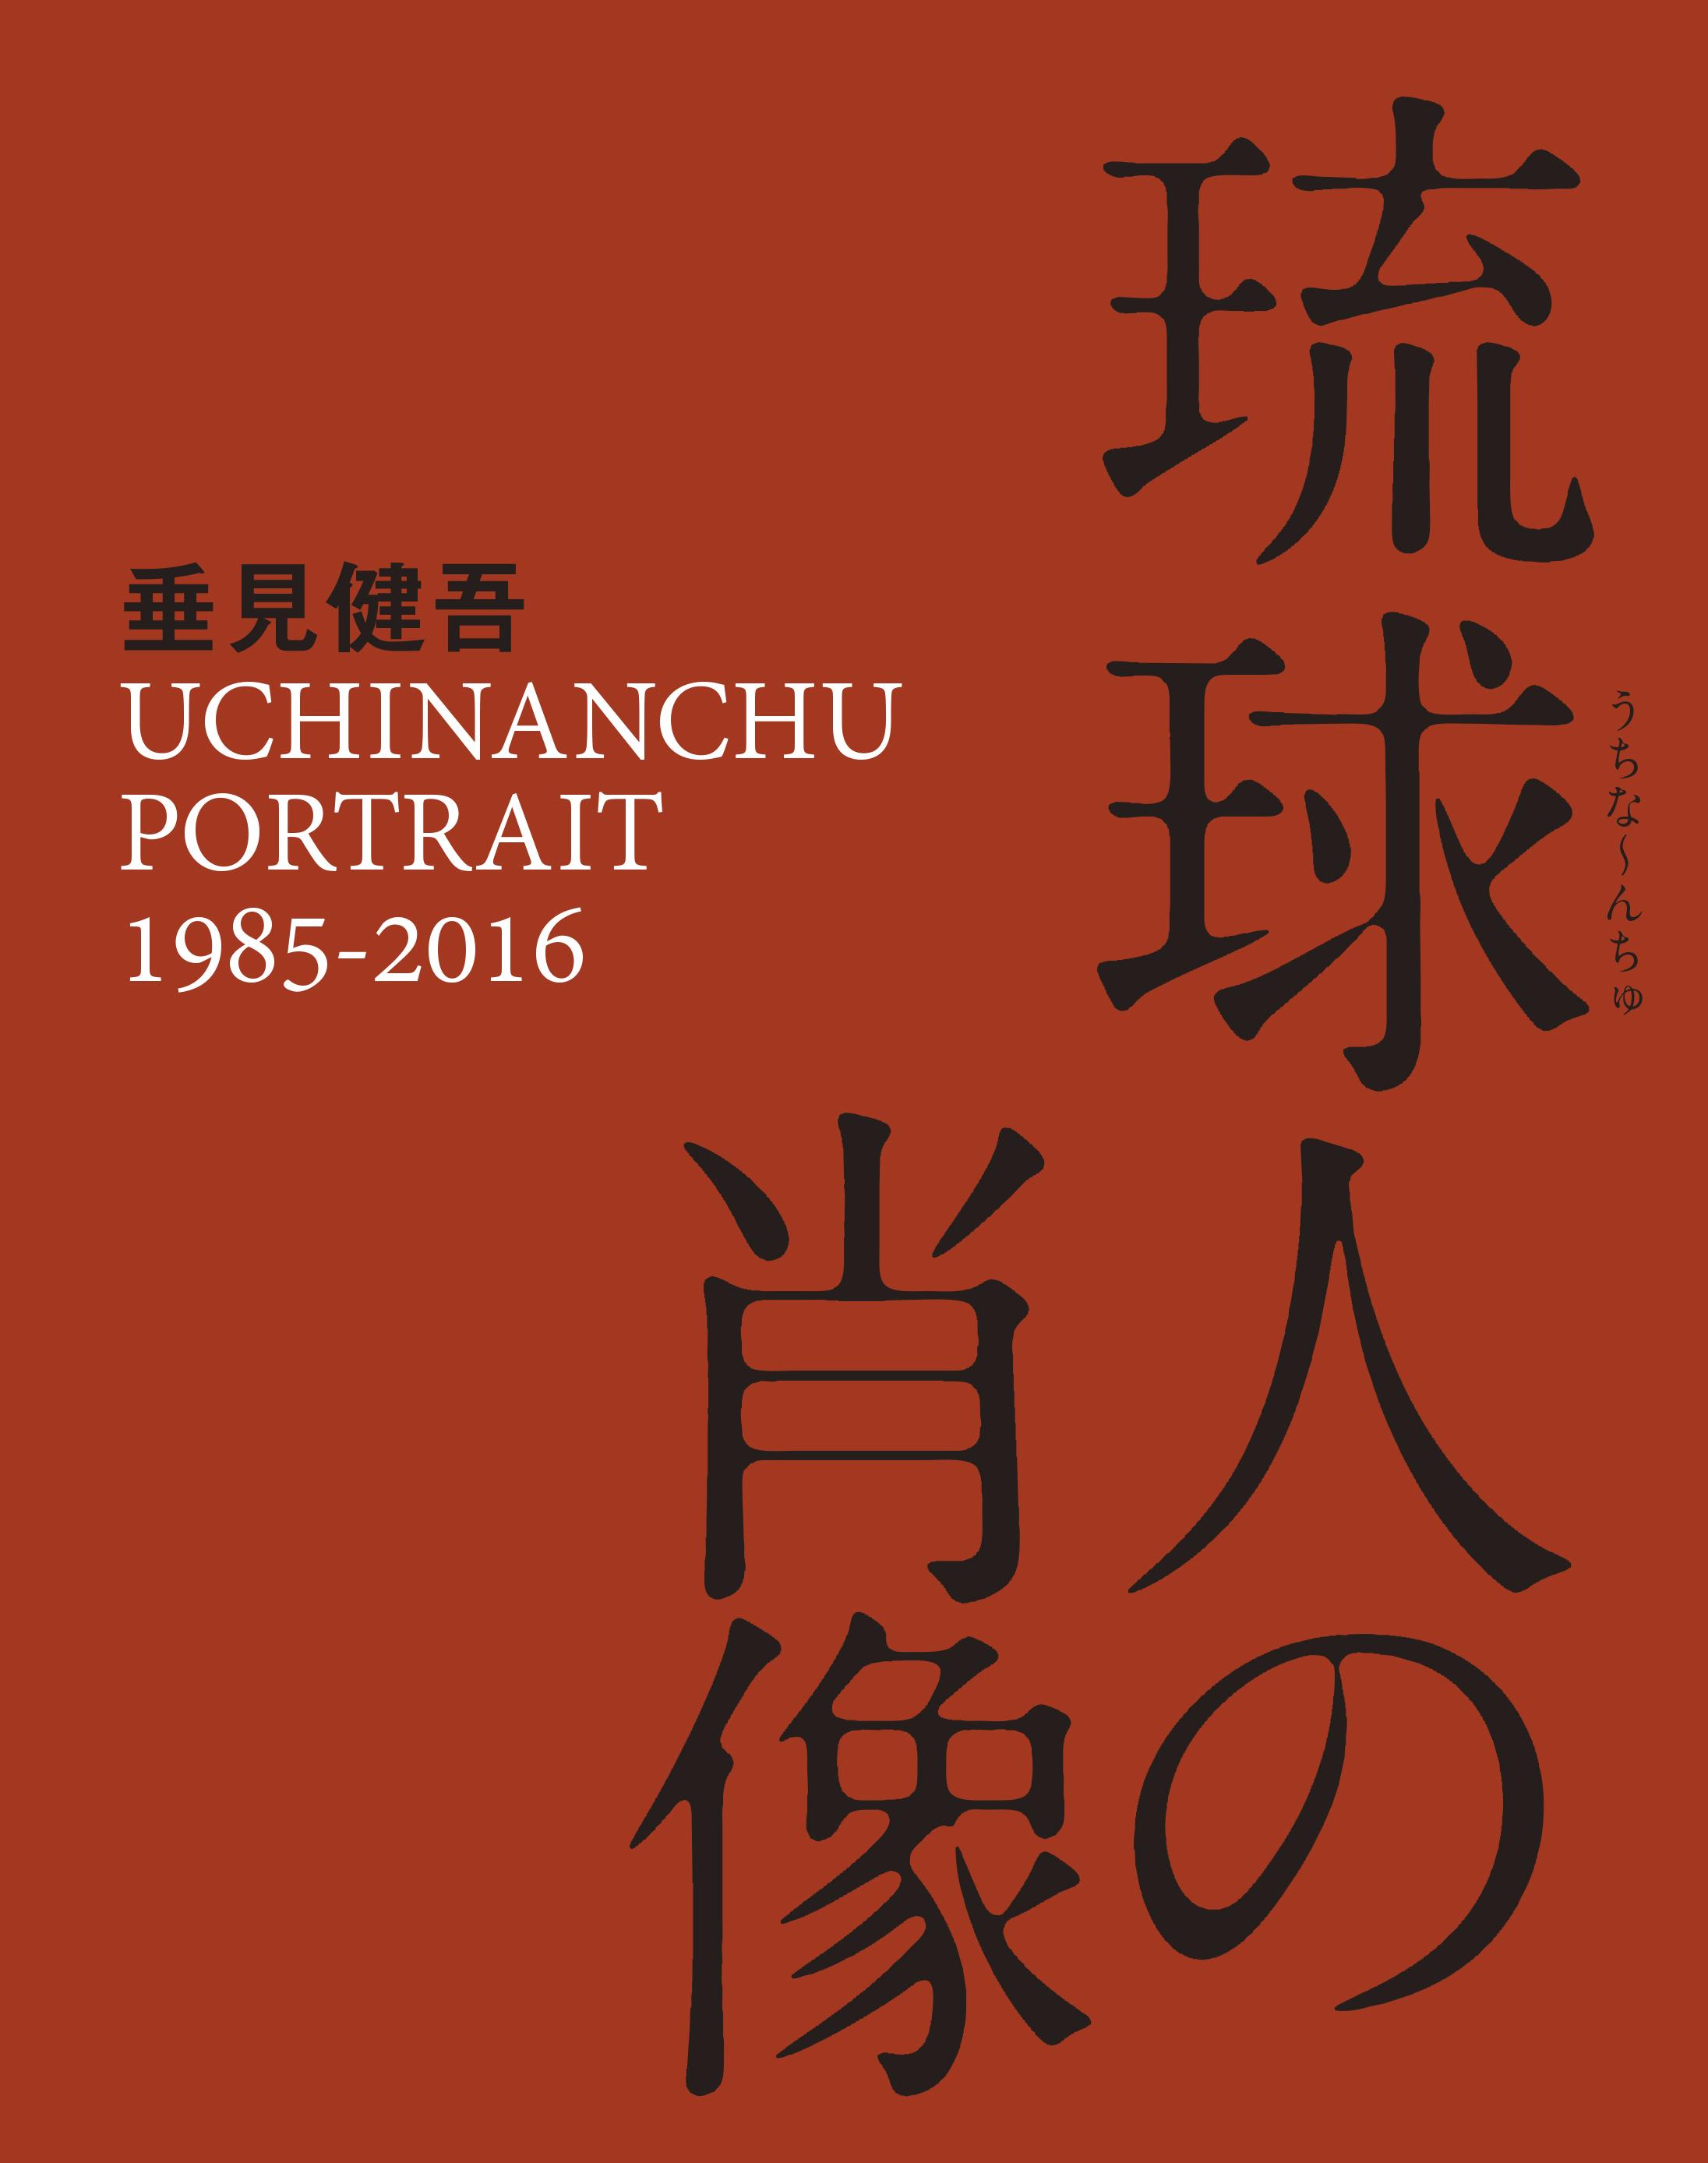 垂見健吾『琉球人の肖像』